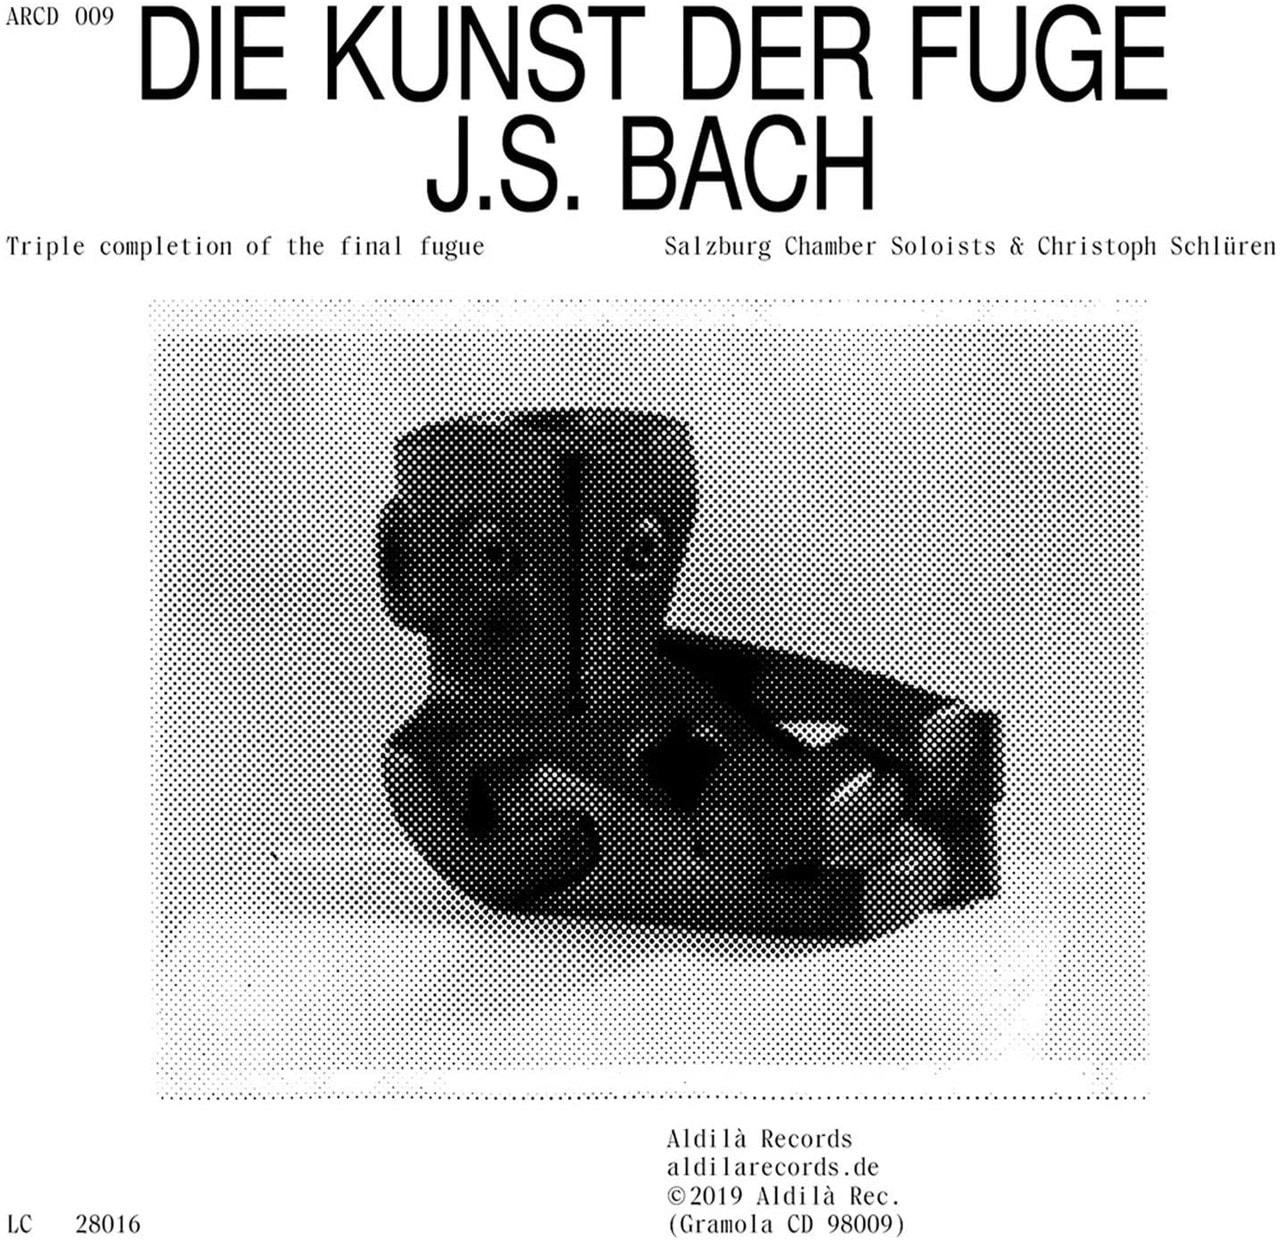 J.S. Bach: Die Kunst Der Fuge: Triple Completeion of the Final Fugue - 1